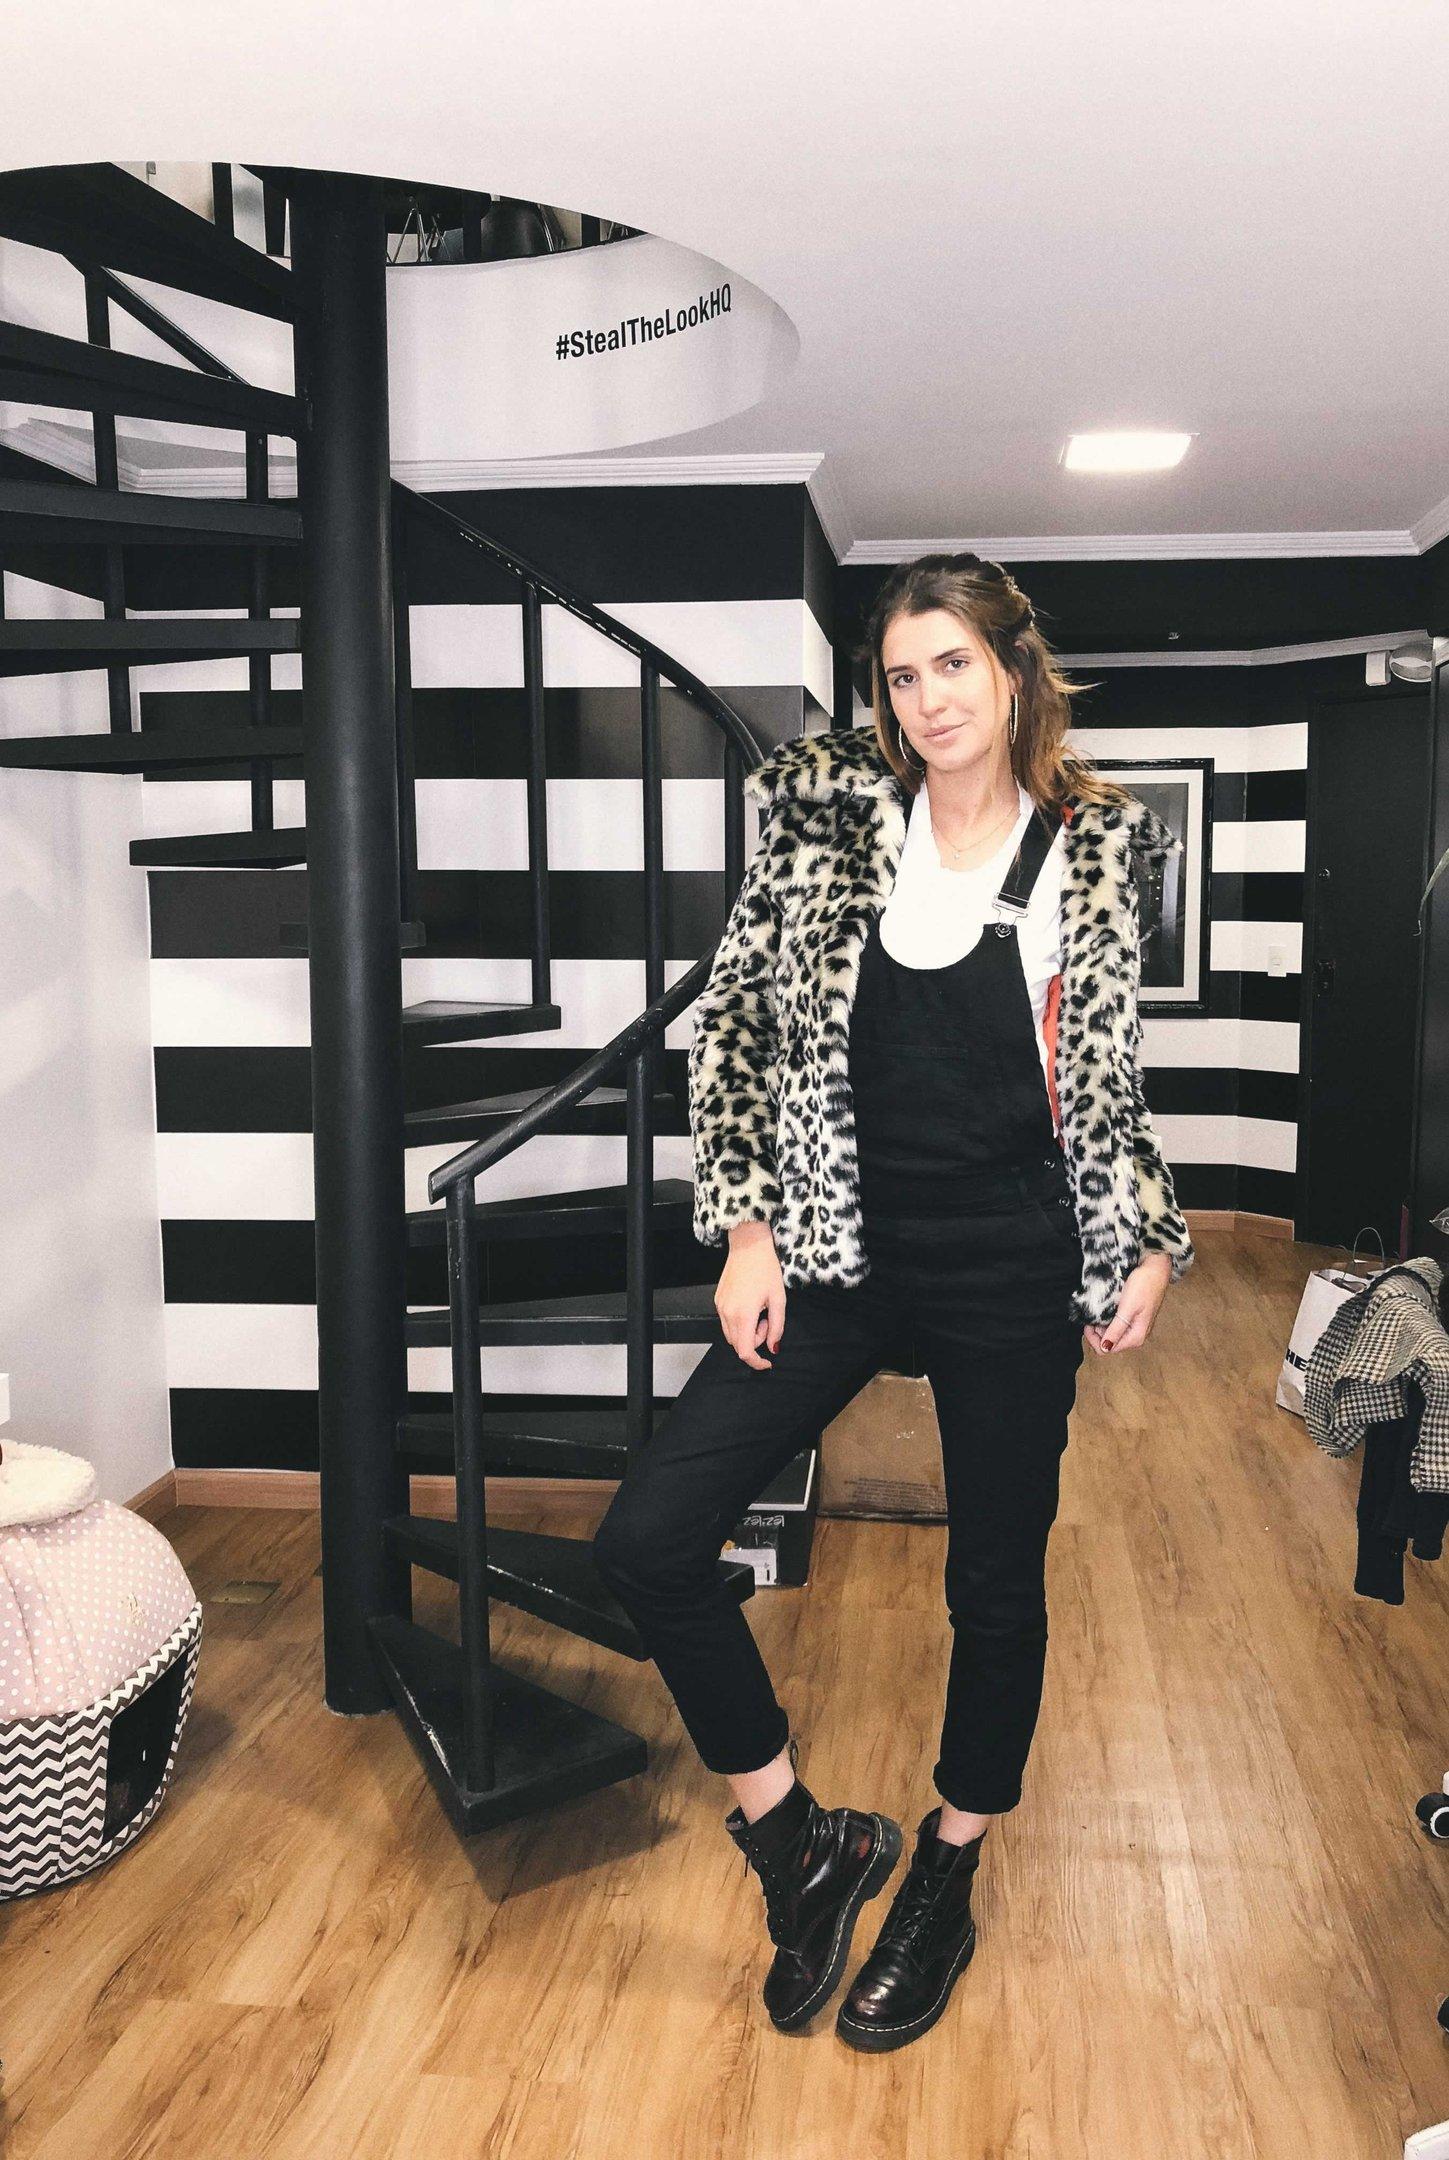 Manuela Bordasch - macacao-preto-coturno-casaco-oncinha - casaco oncinha - inverno - street style